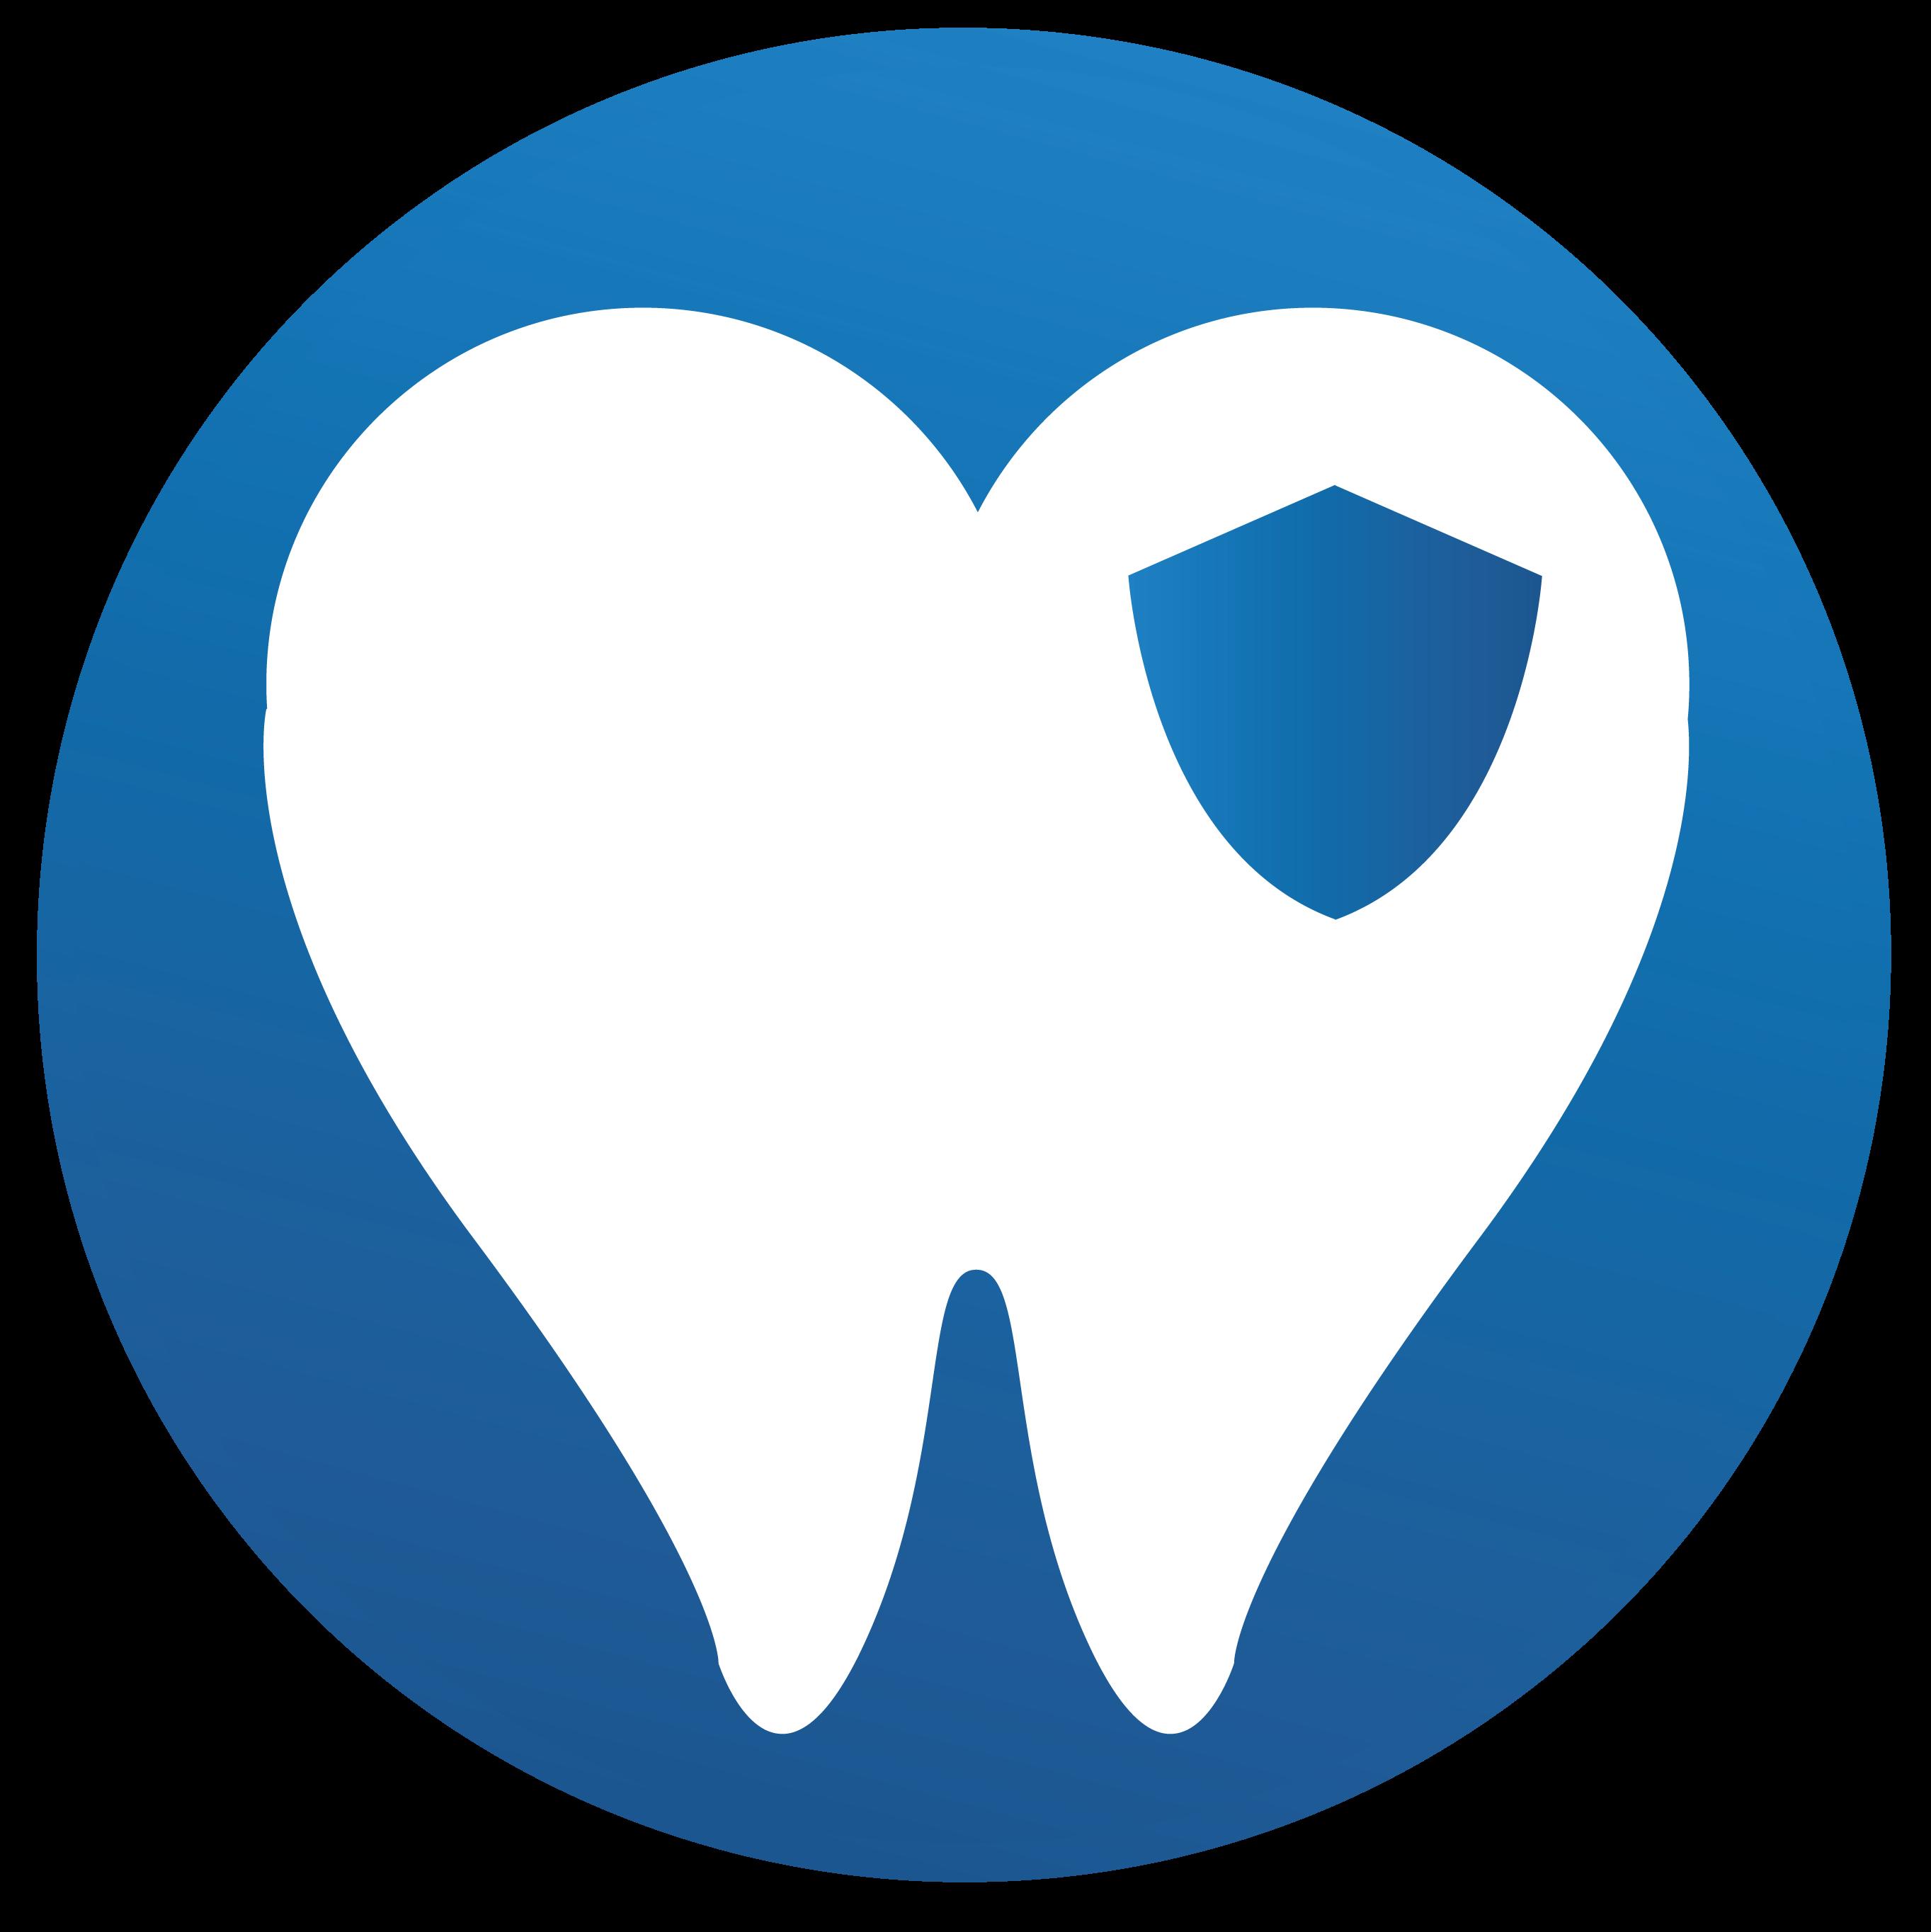 conservativa odontoiatria CELLA Campi Bisenzio Firenze dentista Dott. Luca Cella servizi